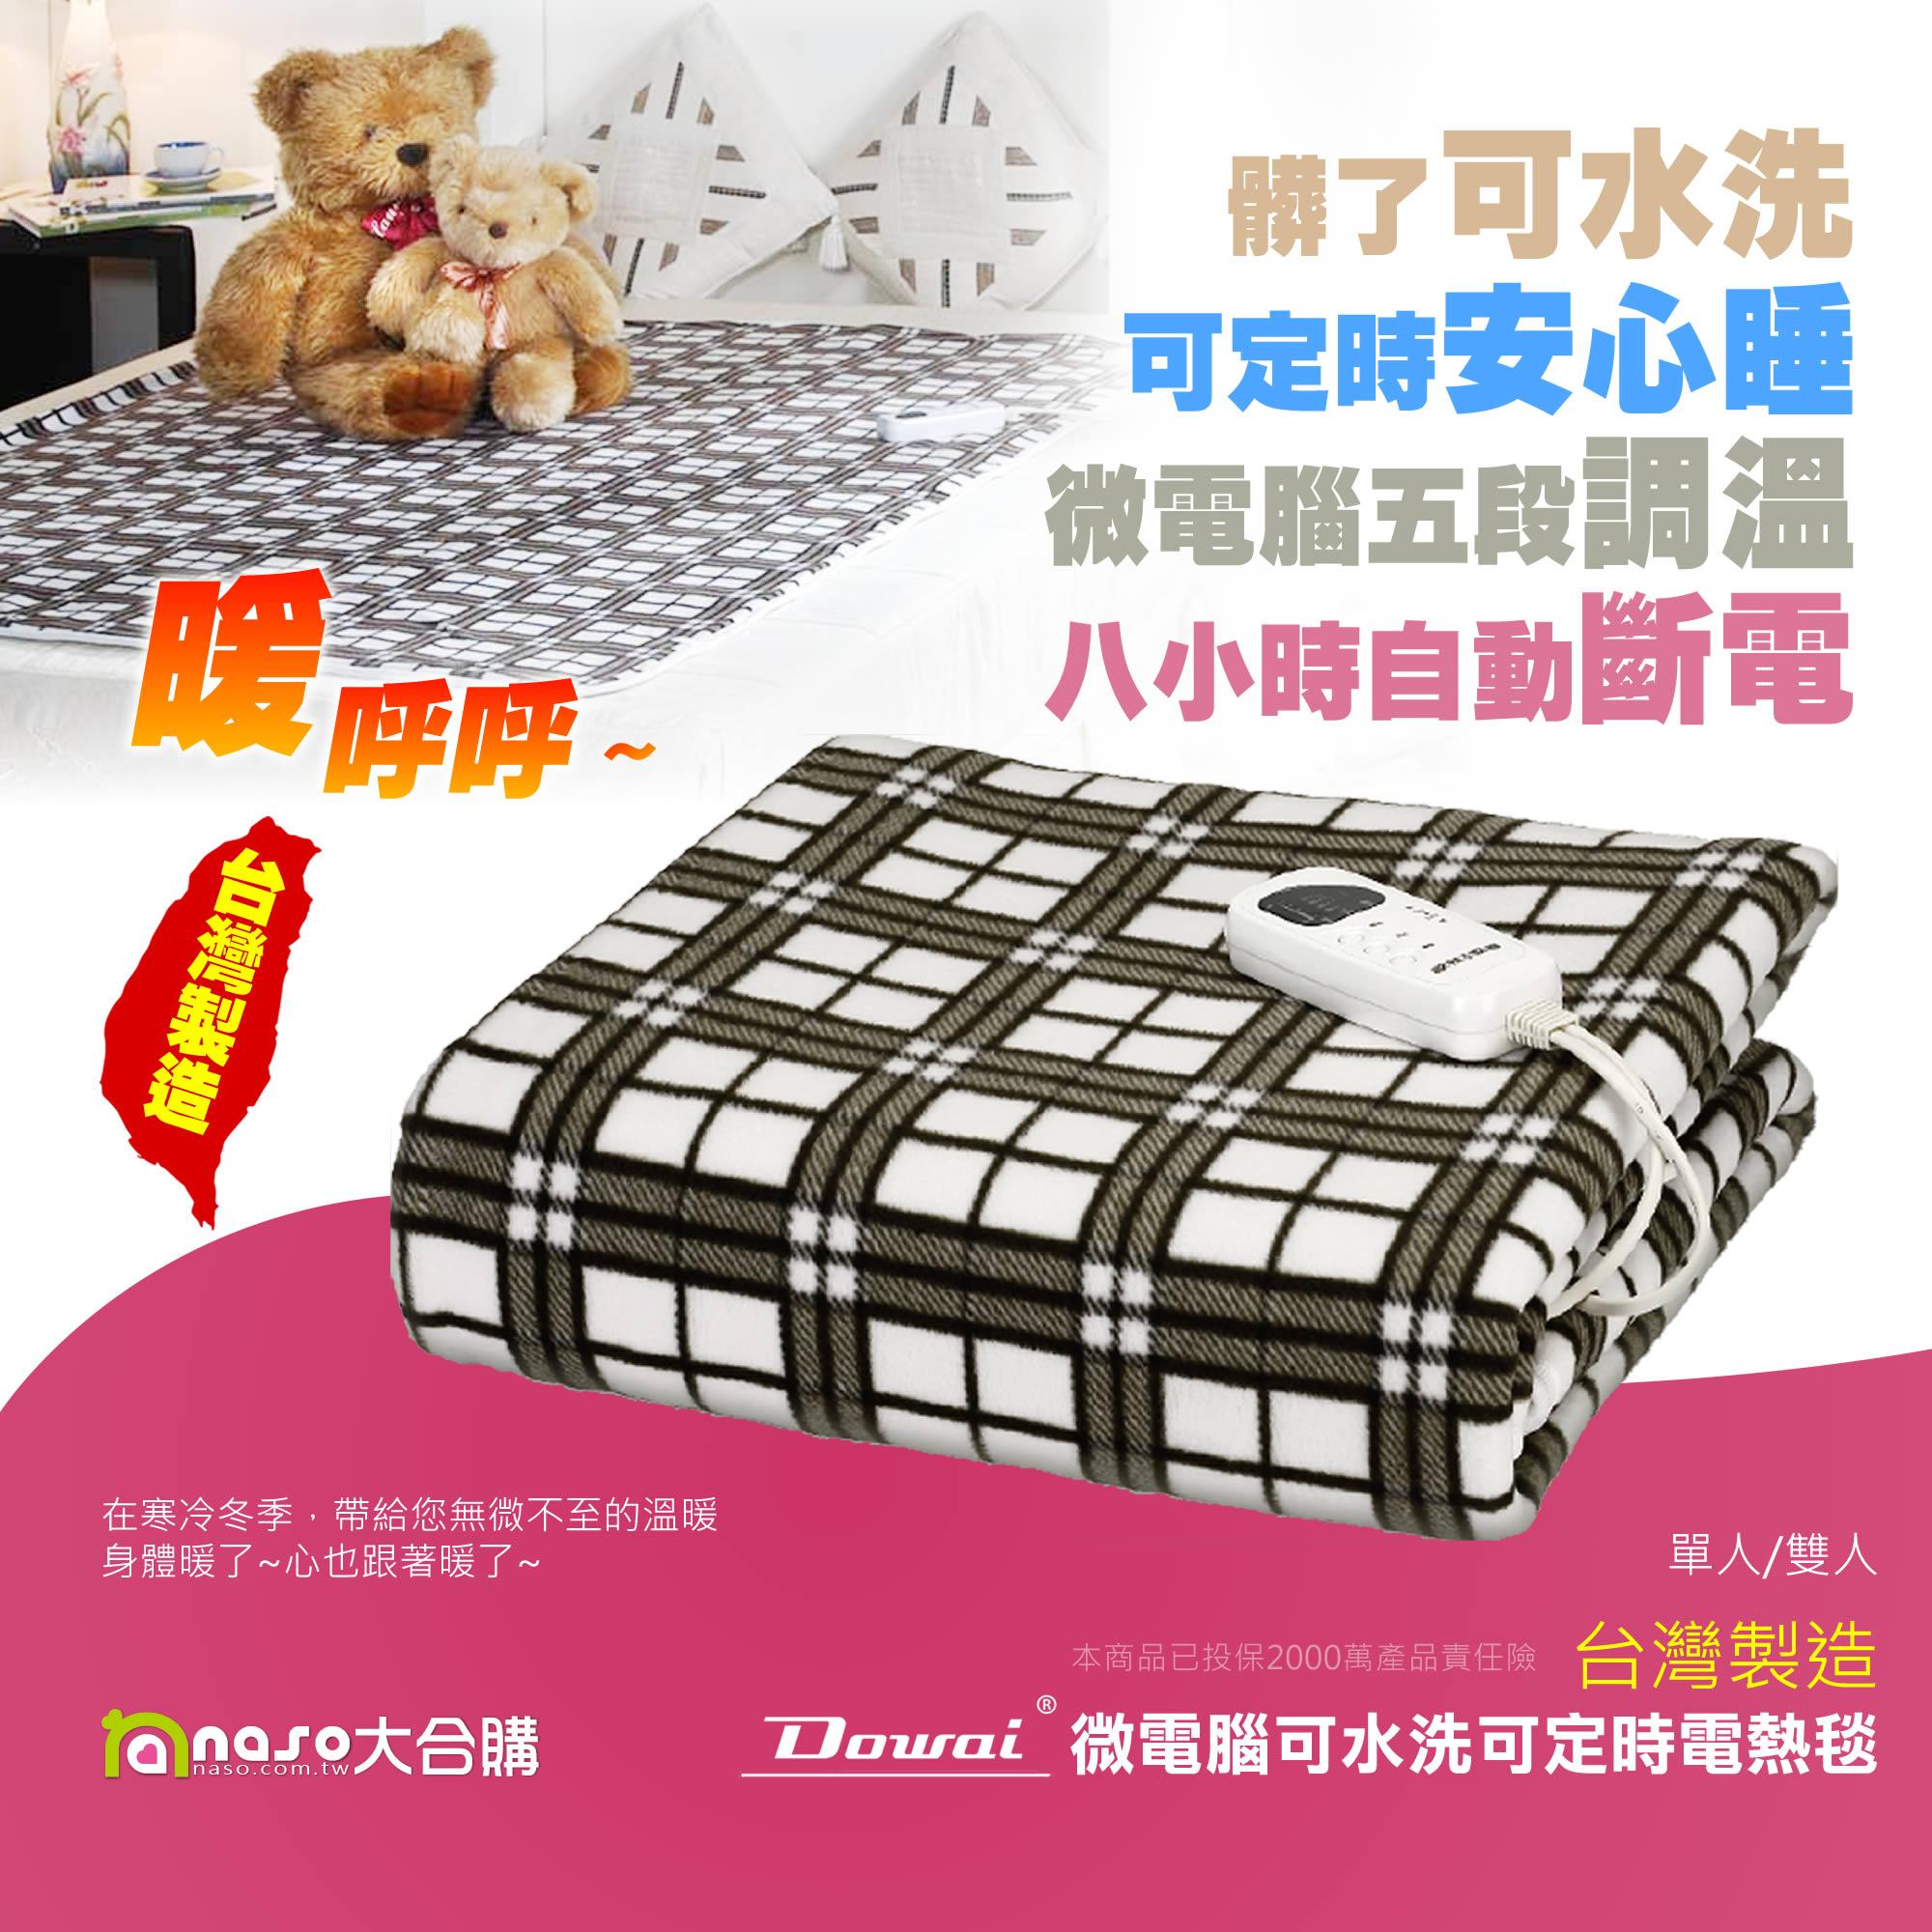 【台灣製造】多偉微電腦可水洗可定時安全電熱毯 好評第6團